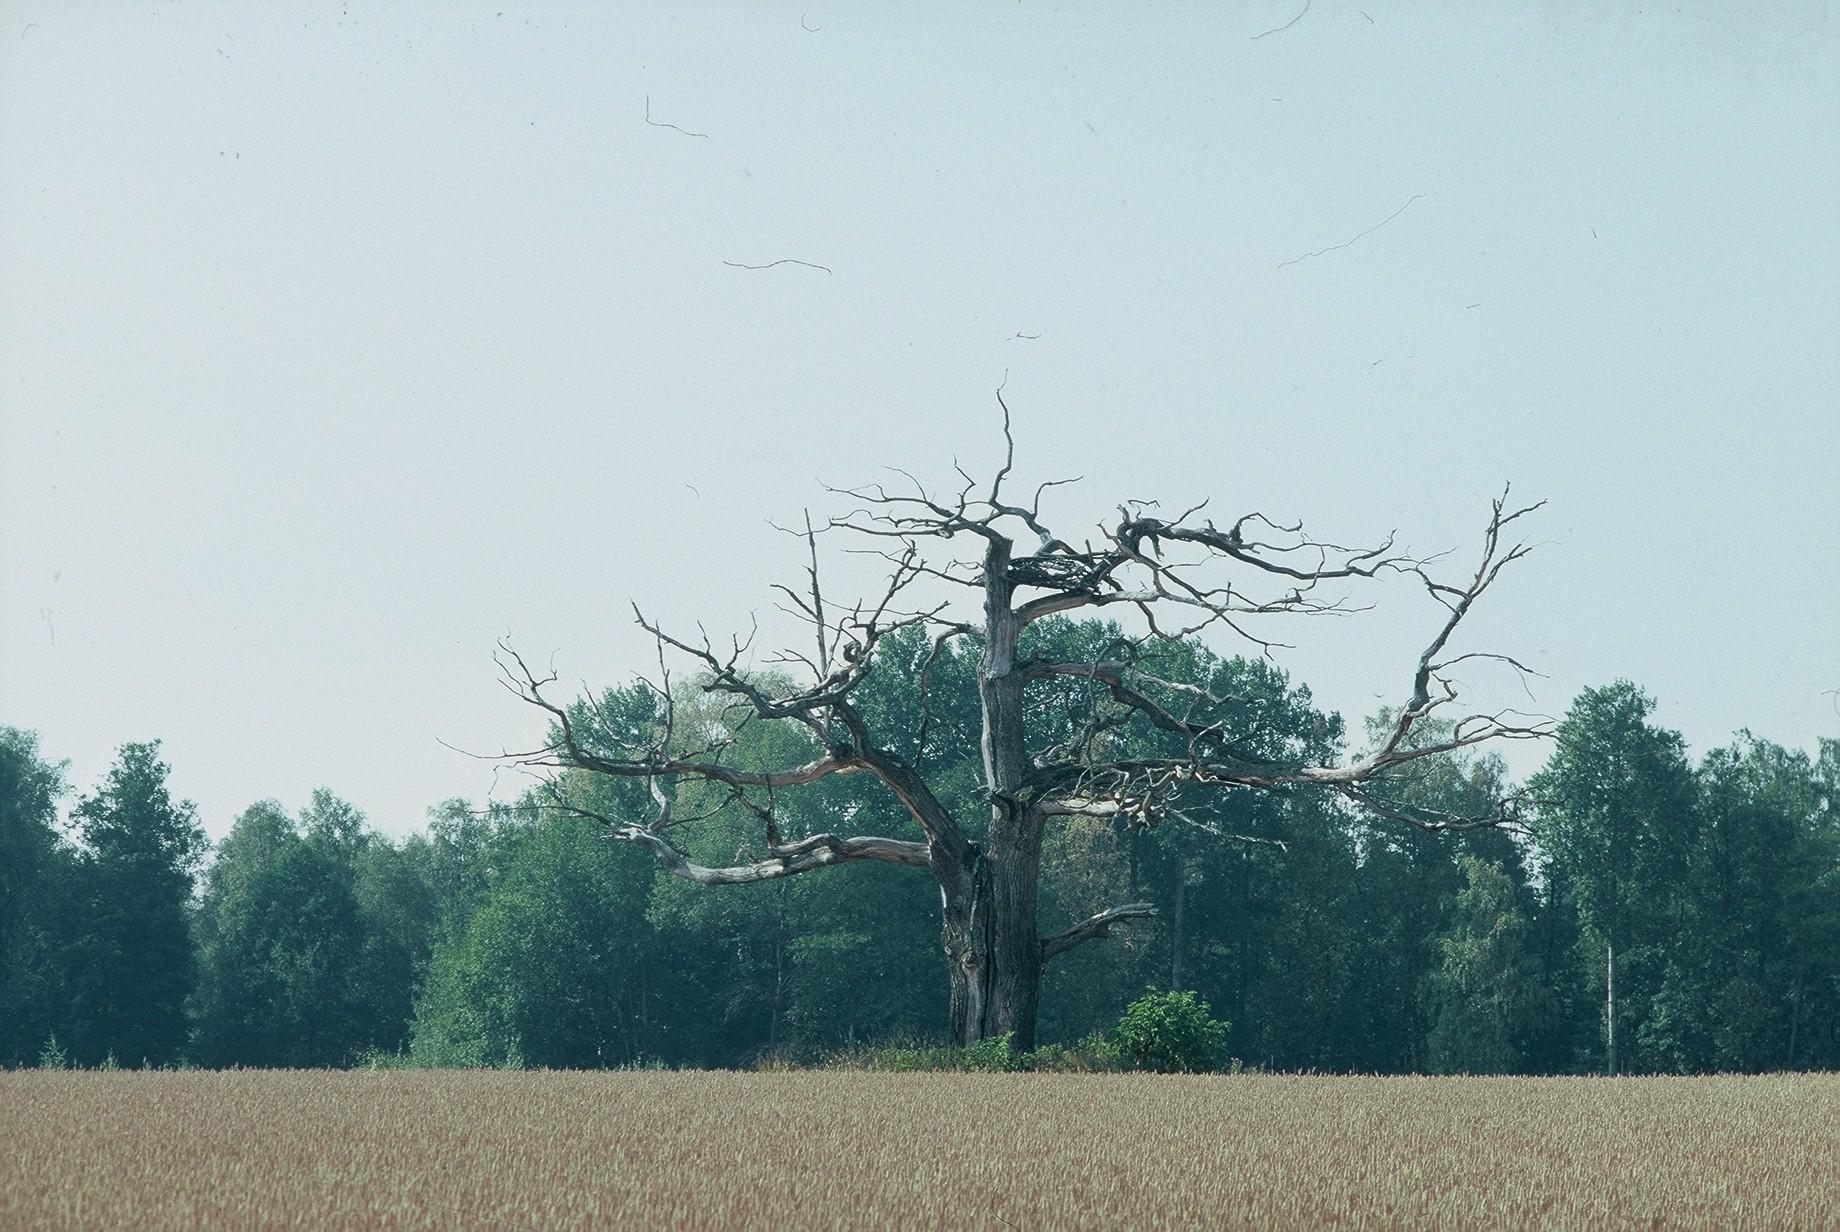 Luonnonmuistomerkki, tammi, Kirkniemi, kuva Lohjan ympäristönsuojelu.